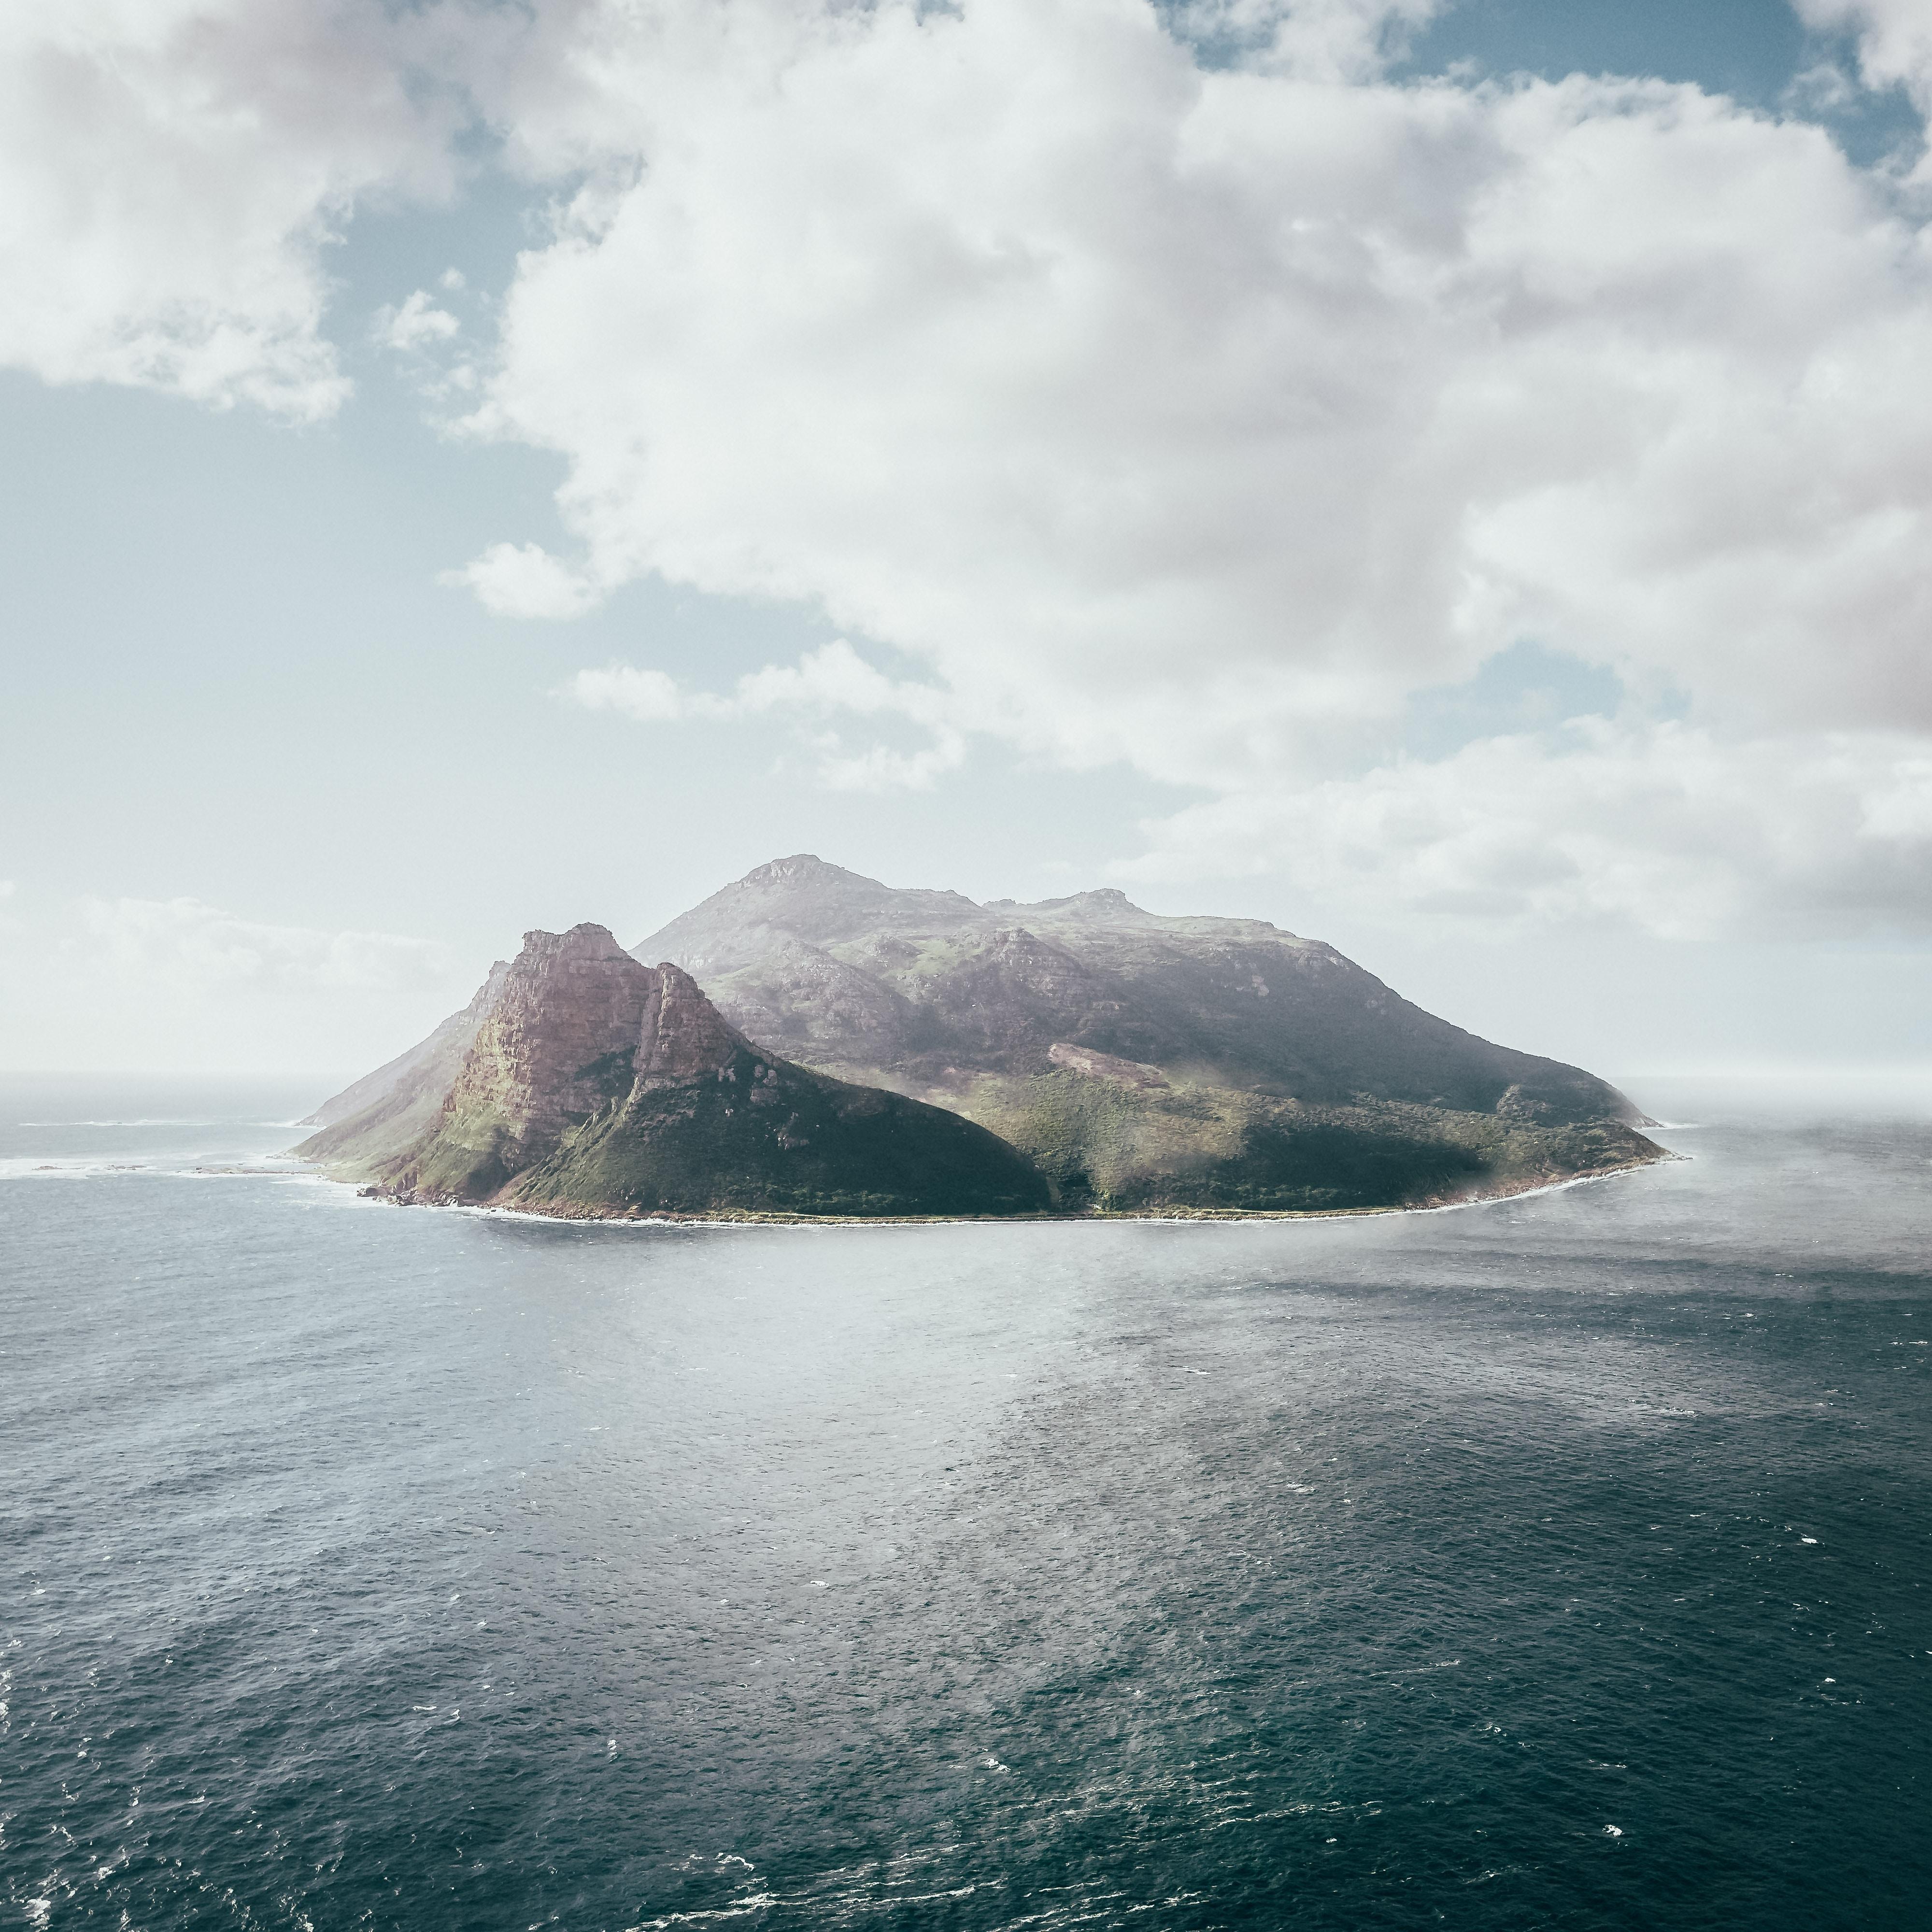 ジェームズ 島 セント リトル